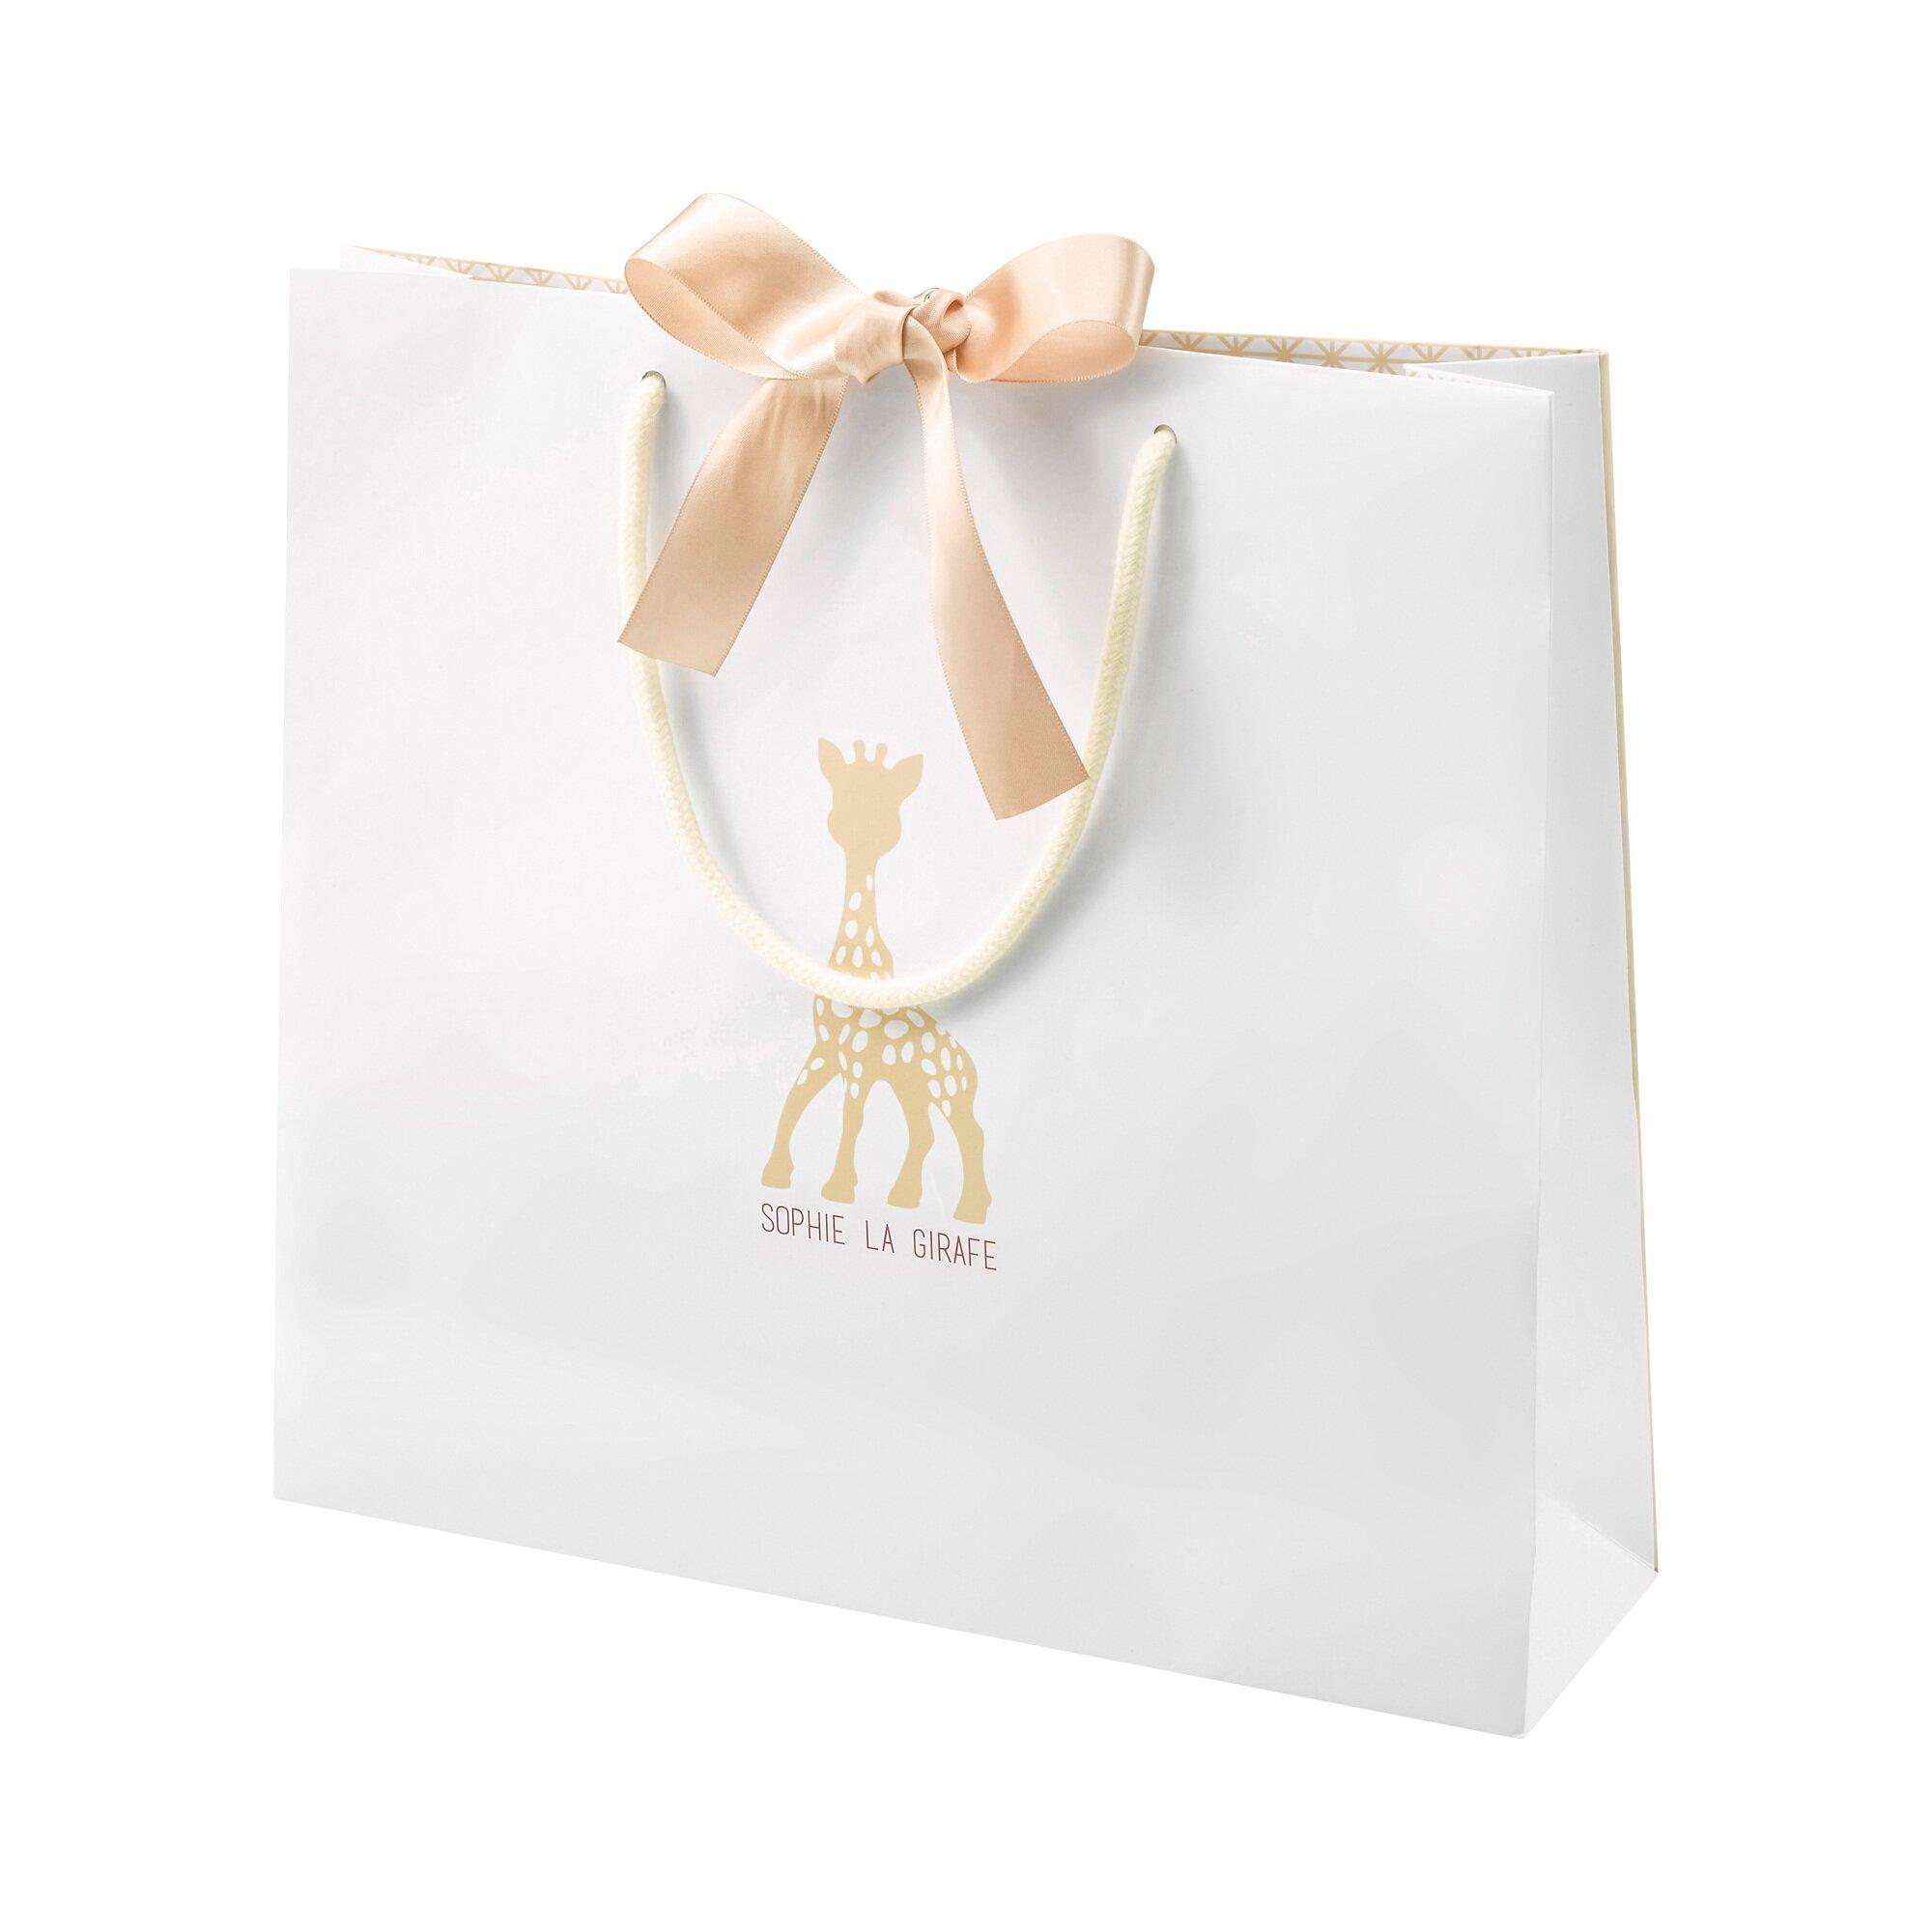 sophie-la-girafe-geschenk-set-sophie-bei-ring